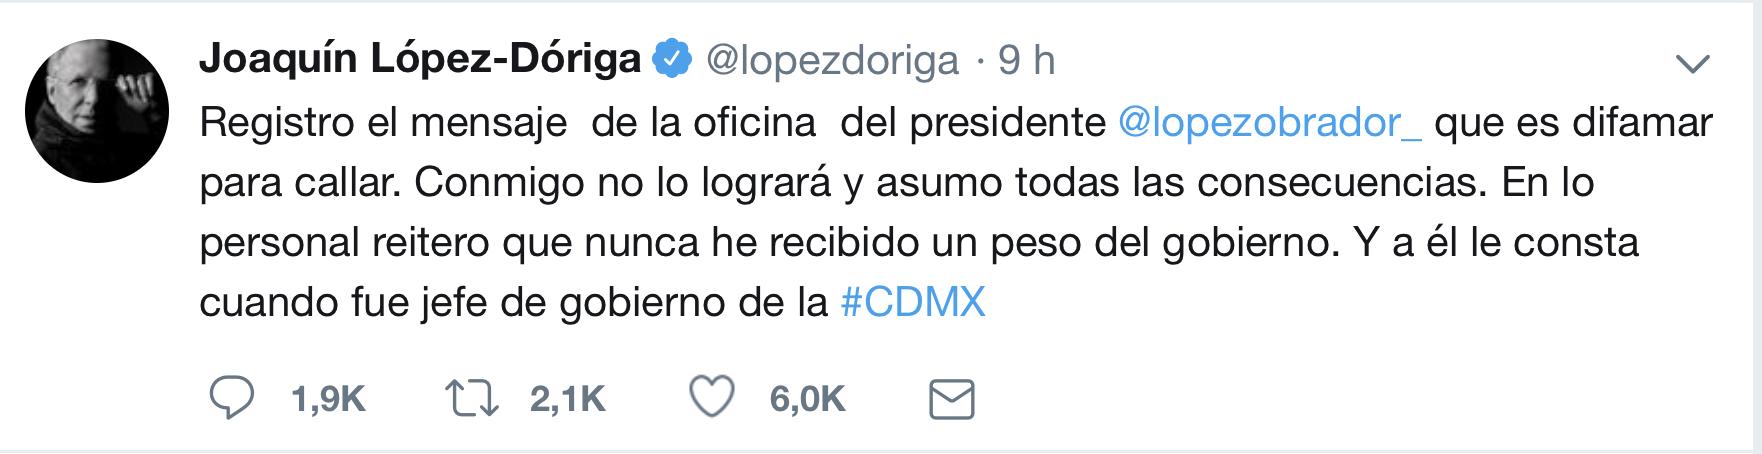 Tuit de López Dóriga